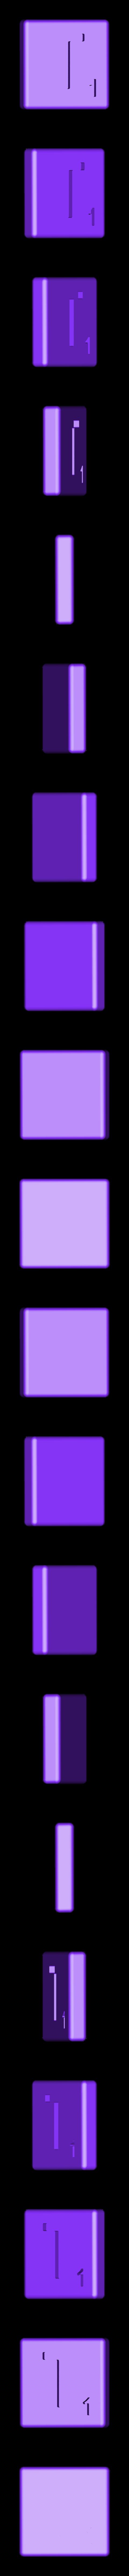 Dual_Shell_T.STL Télécharger fichier STL gratuit Pièces et support SCRABBBLE • Design pour imprimante 3D, Balkhagal4D